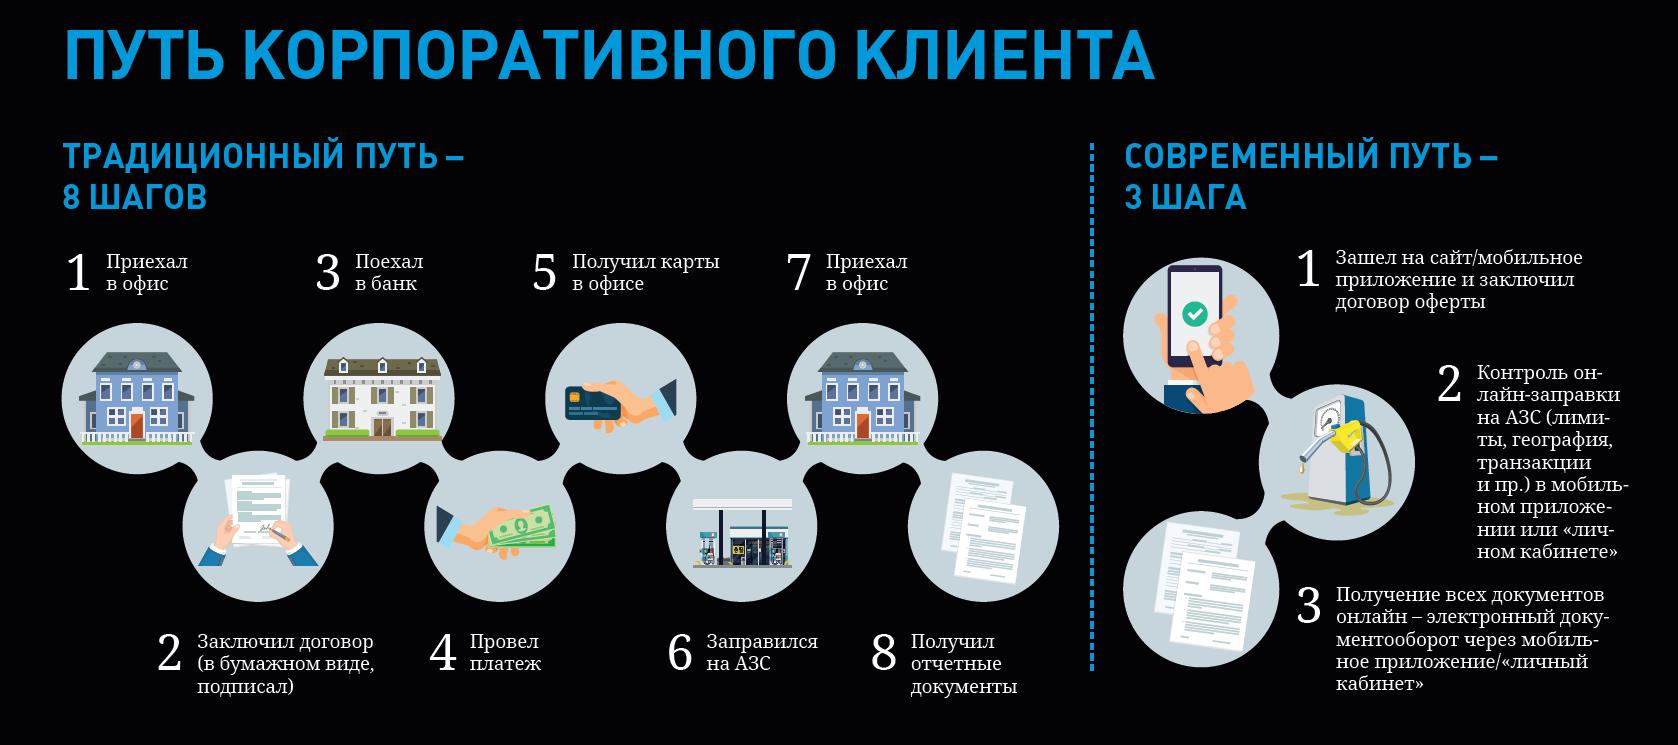 Как «Газпромнефть» создает цифровой путь корпоративного клиента - 2